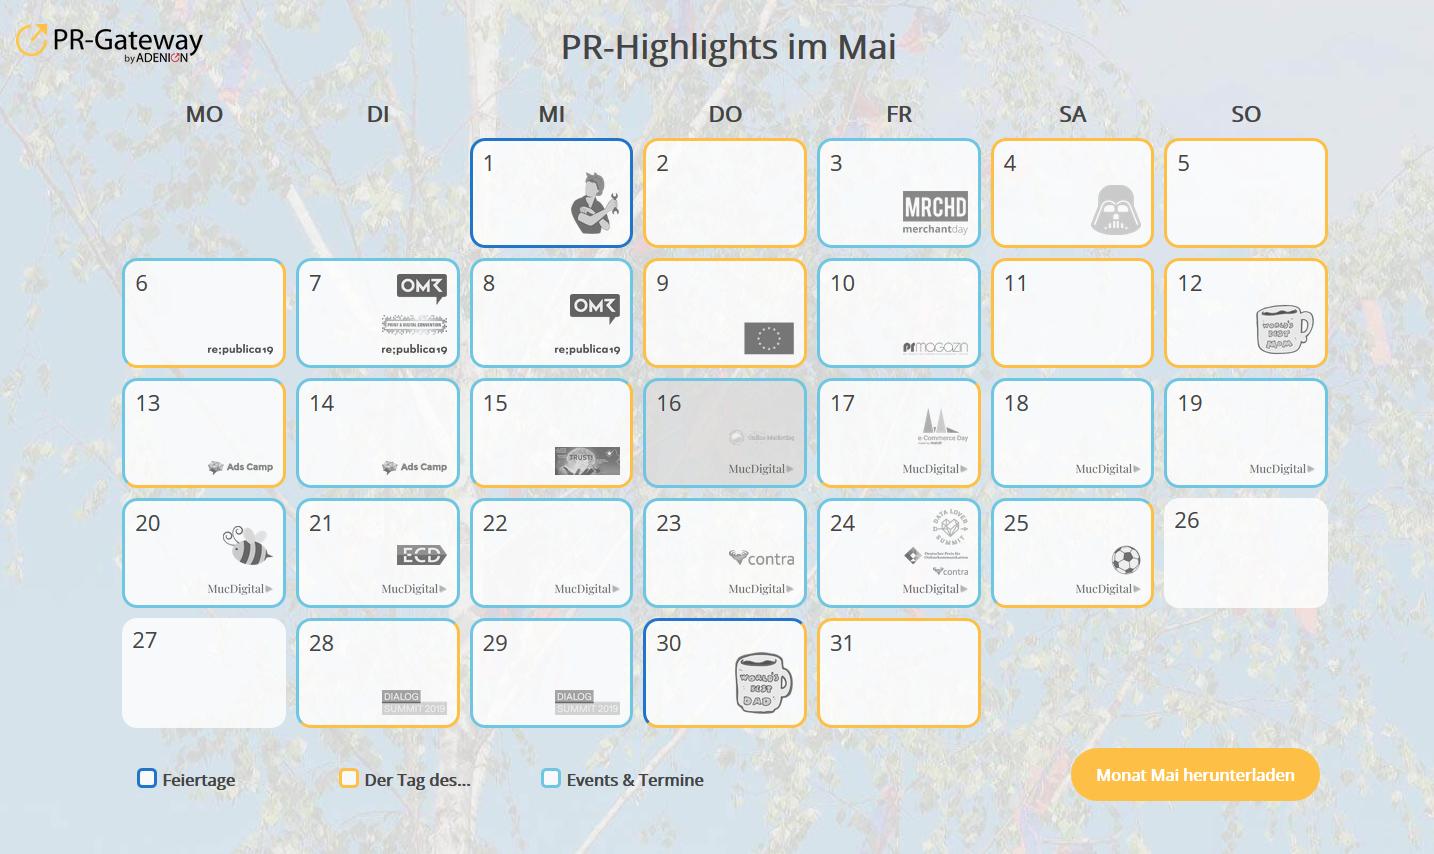 Perfekt für die Online-PR: Der PR-Gateway PR-Kalender